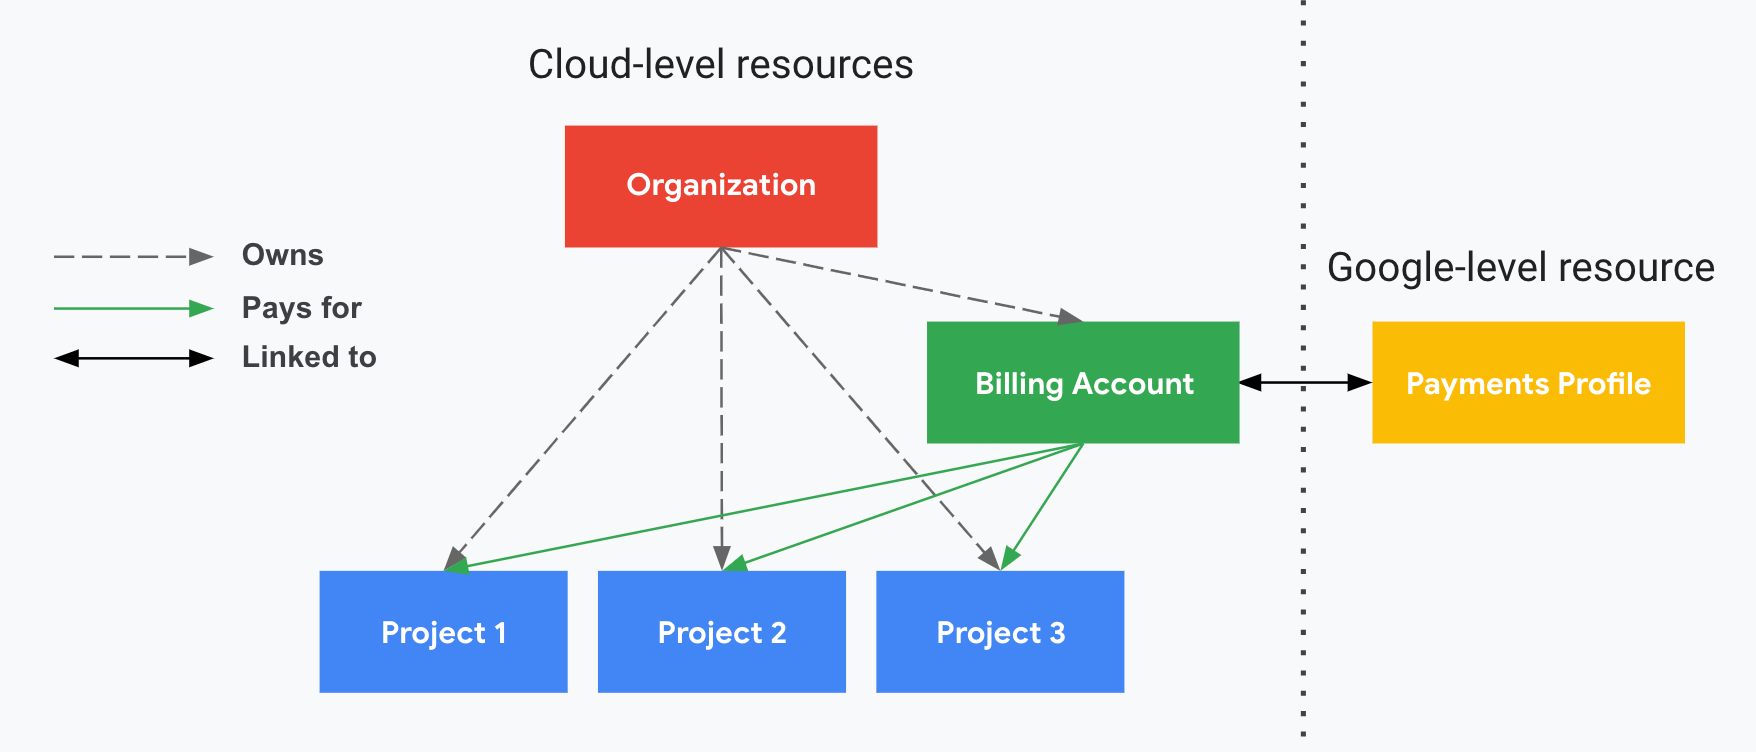 Describe cómo se relacionan los proyectos con la cuenta de facturación de Cloud, la organización y el perfil de pagos. Una parte muestra los recursos a nivel de Cloud (la organización, la cuenta de facturación de Cloud y los proyectos asociados) y la otra, dividida por una línea de puntos vertical, muestra el recurso a nivel de Google (un perfil de pagos). Los proyectos se pagan con la cuenta de facturación de Cloud vinculada al perfil de pagos. La organización controla la propiedad mediante IAM.